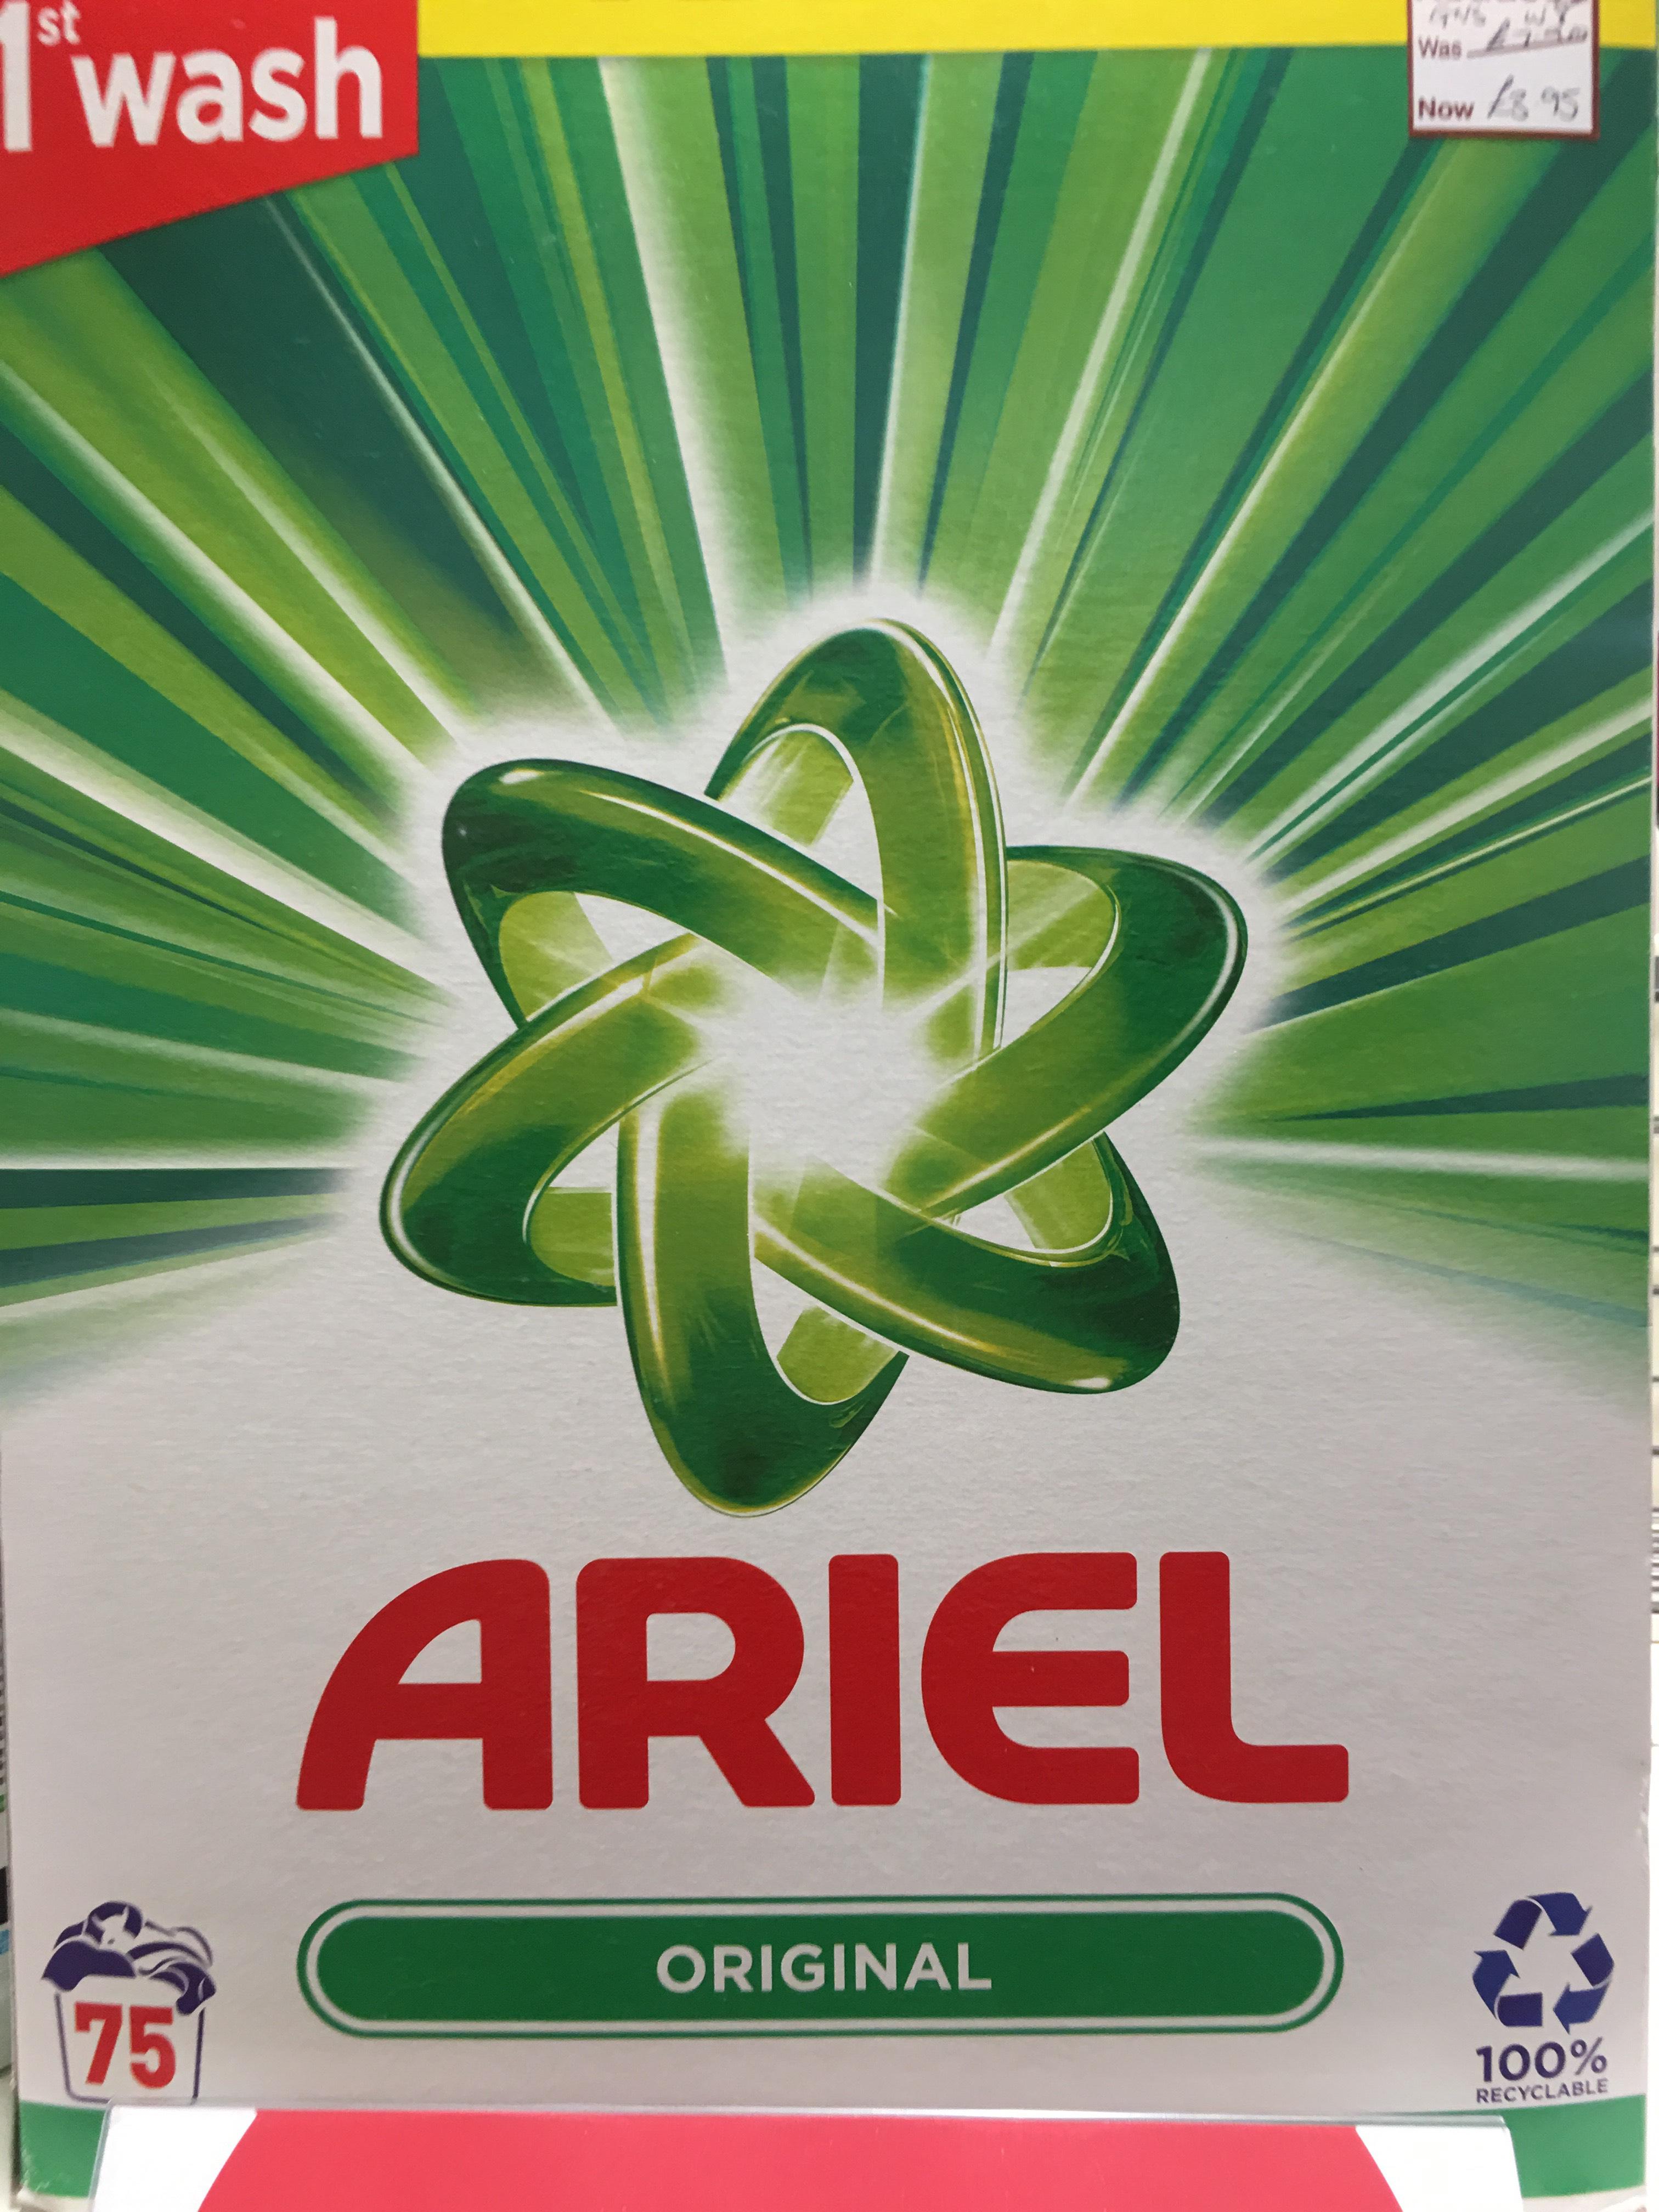 Ariel Original Washing Powder 75 Washes £3.95 @ Wilko sutton